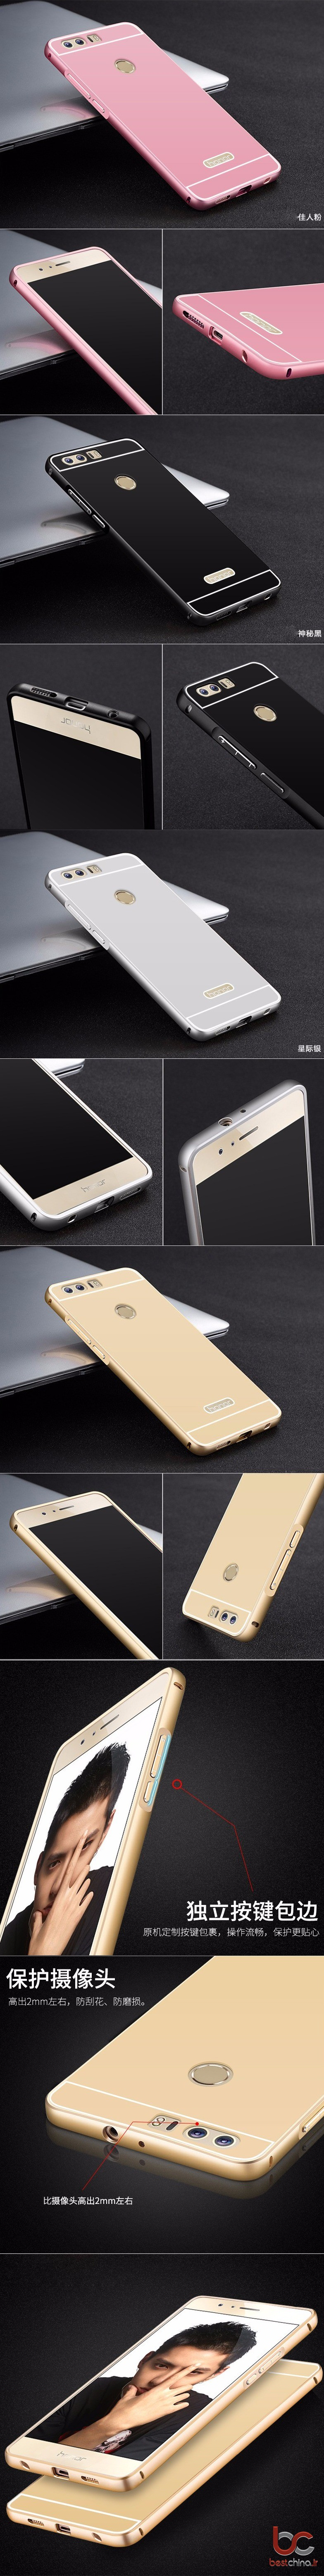 Huawei Honor 8 Aluminium Back Cover (5)